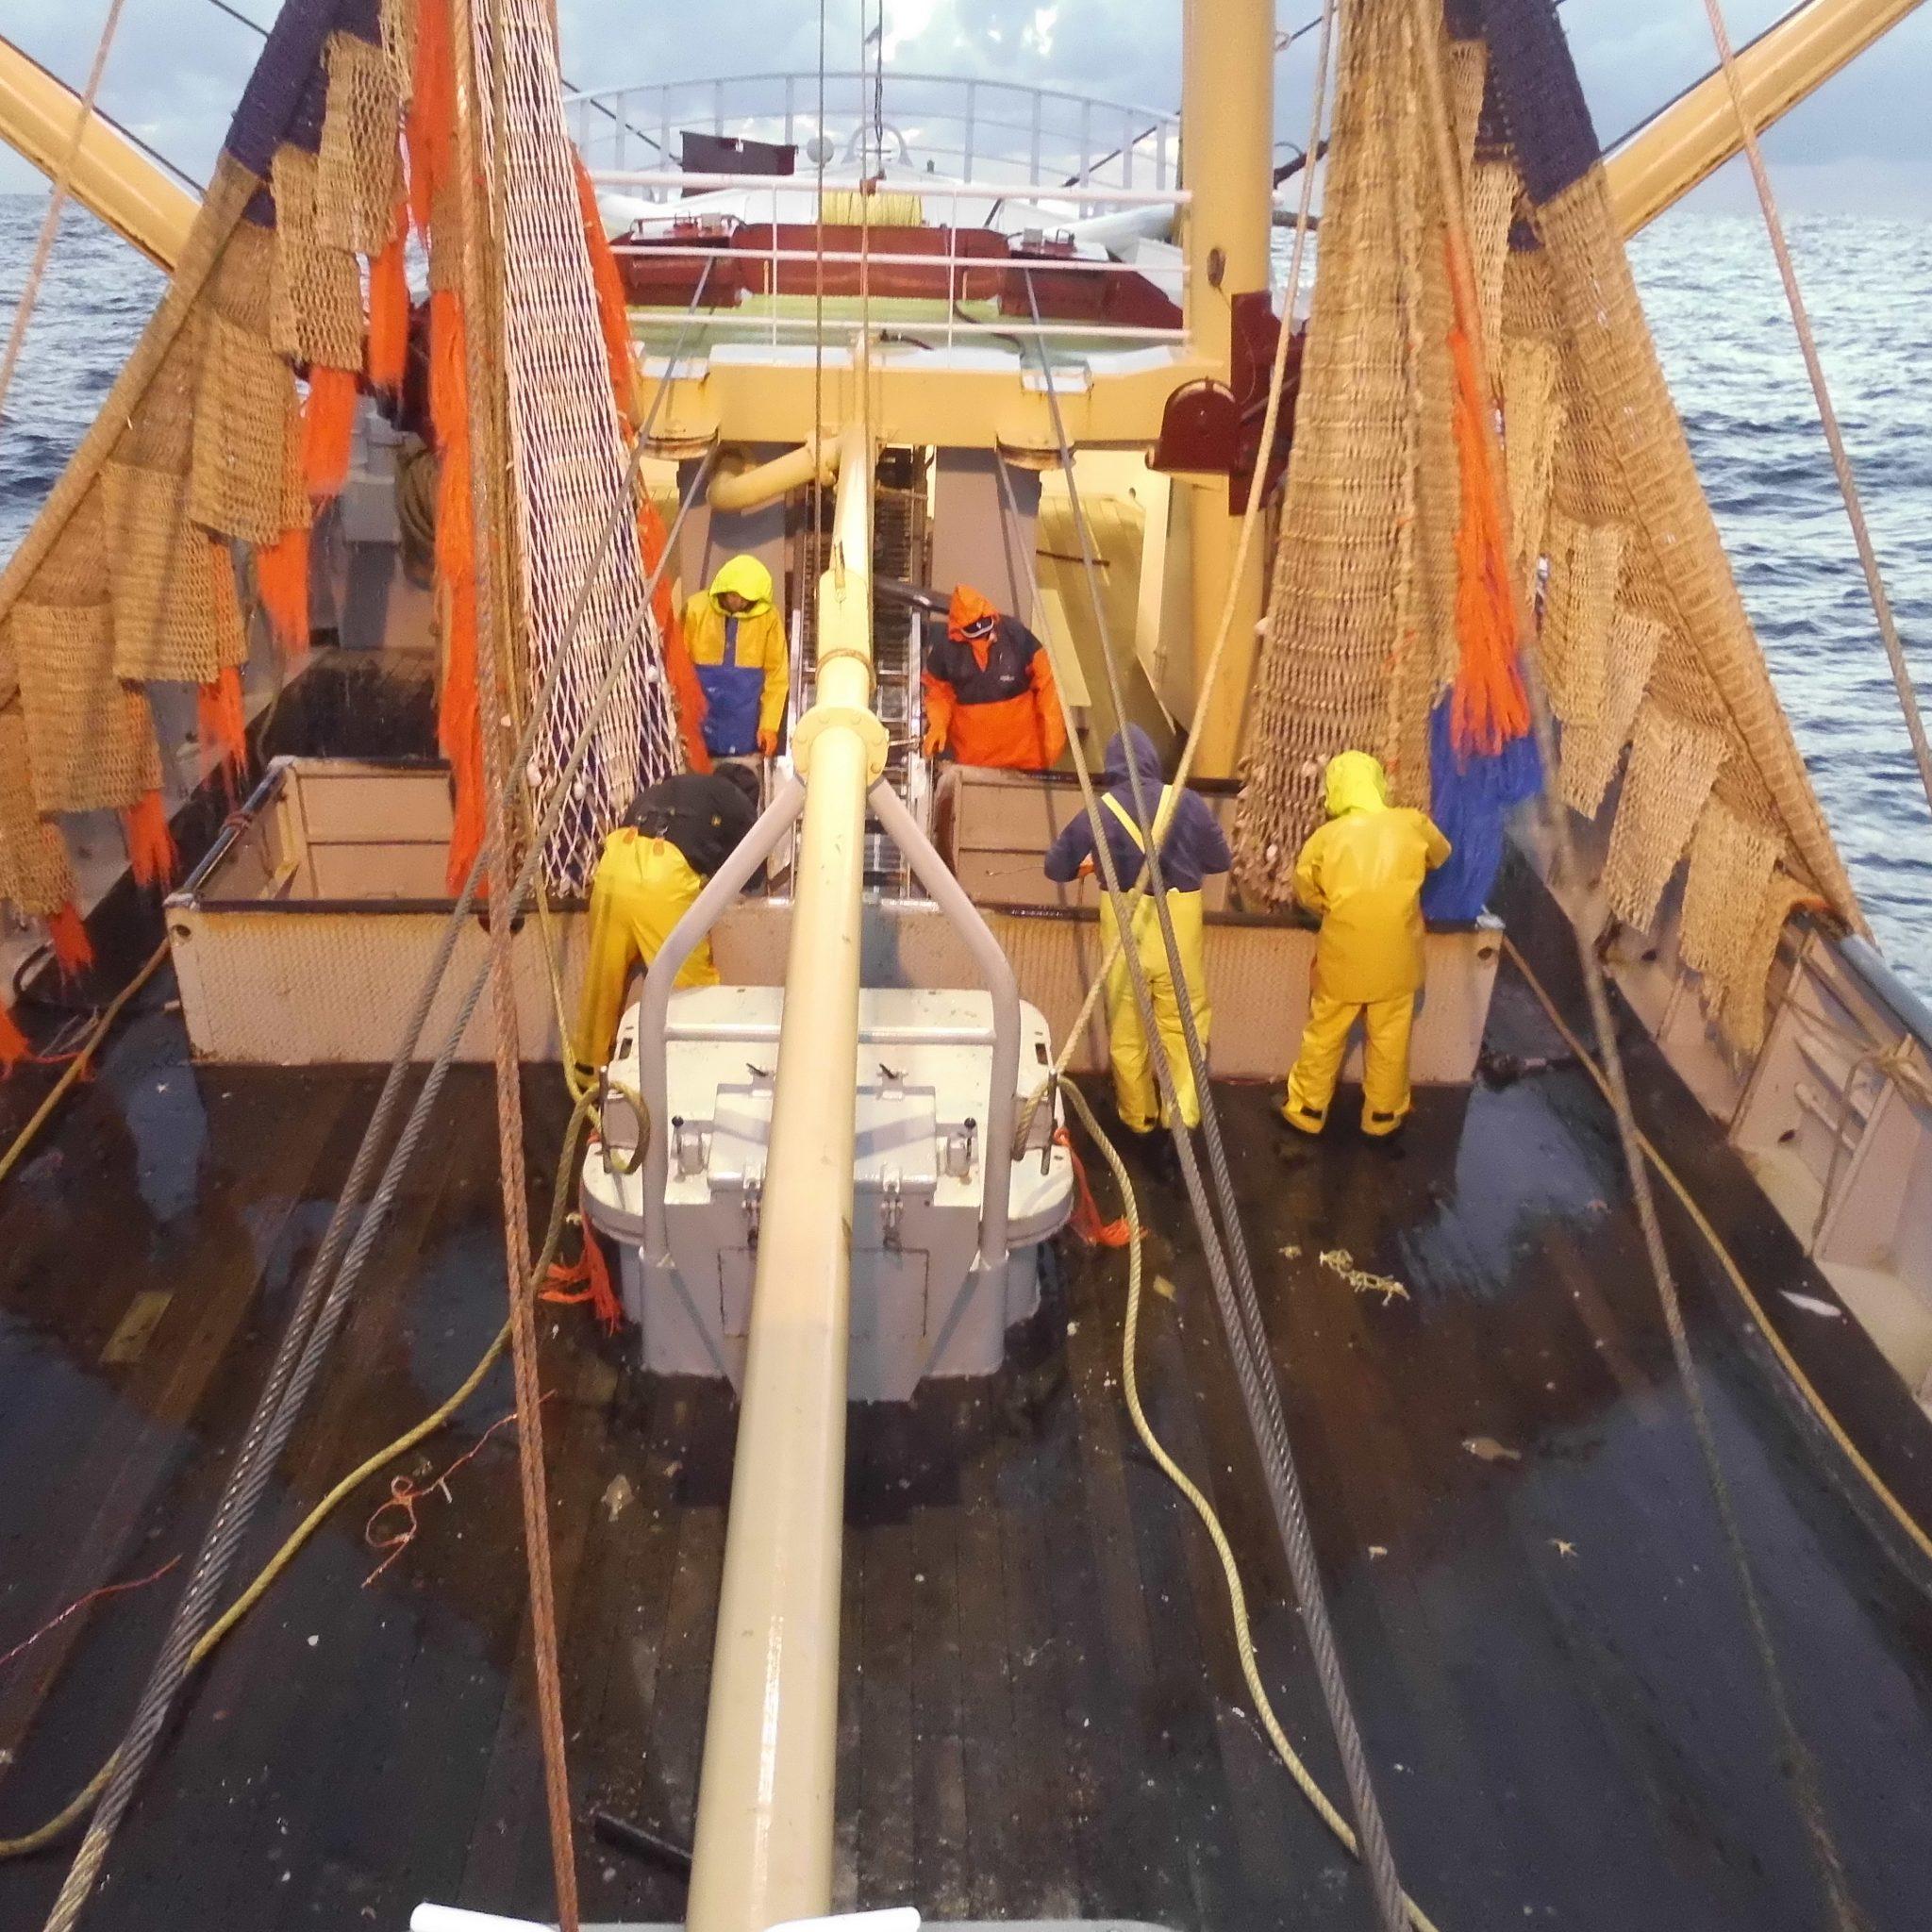 Het Europees Parlement heeft in meerderheid geen sympathie voor de visserij met sleeptuigen over de bodem. (Foto W.M. den Heijer)